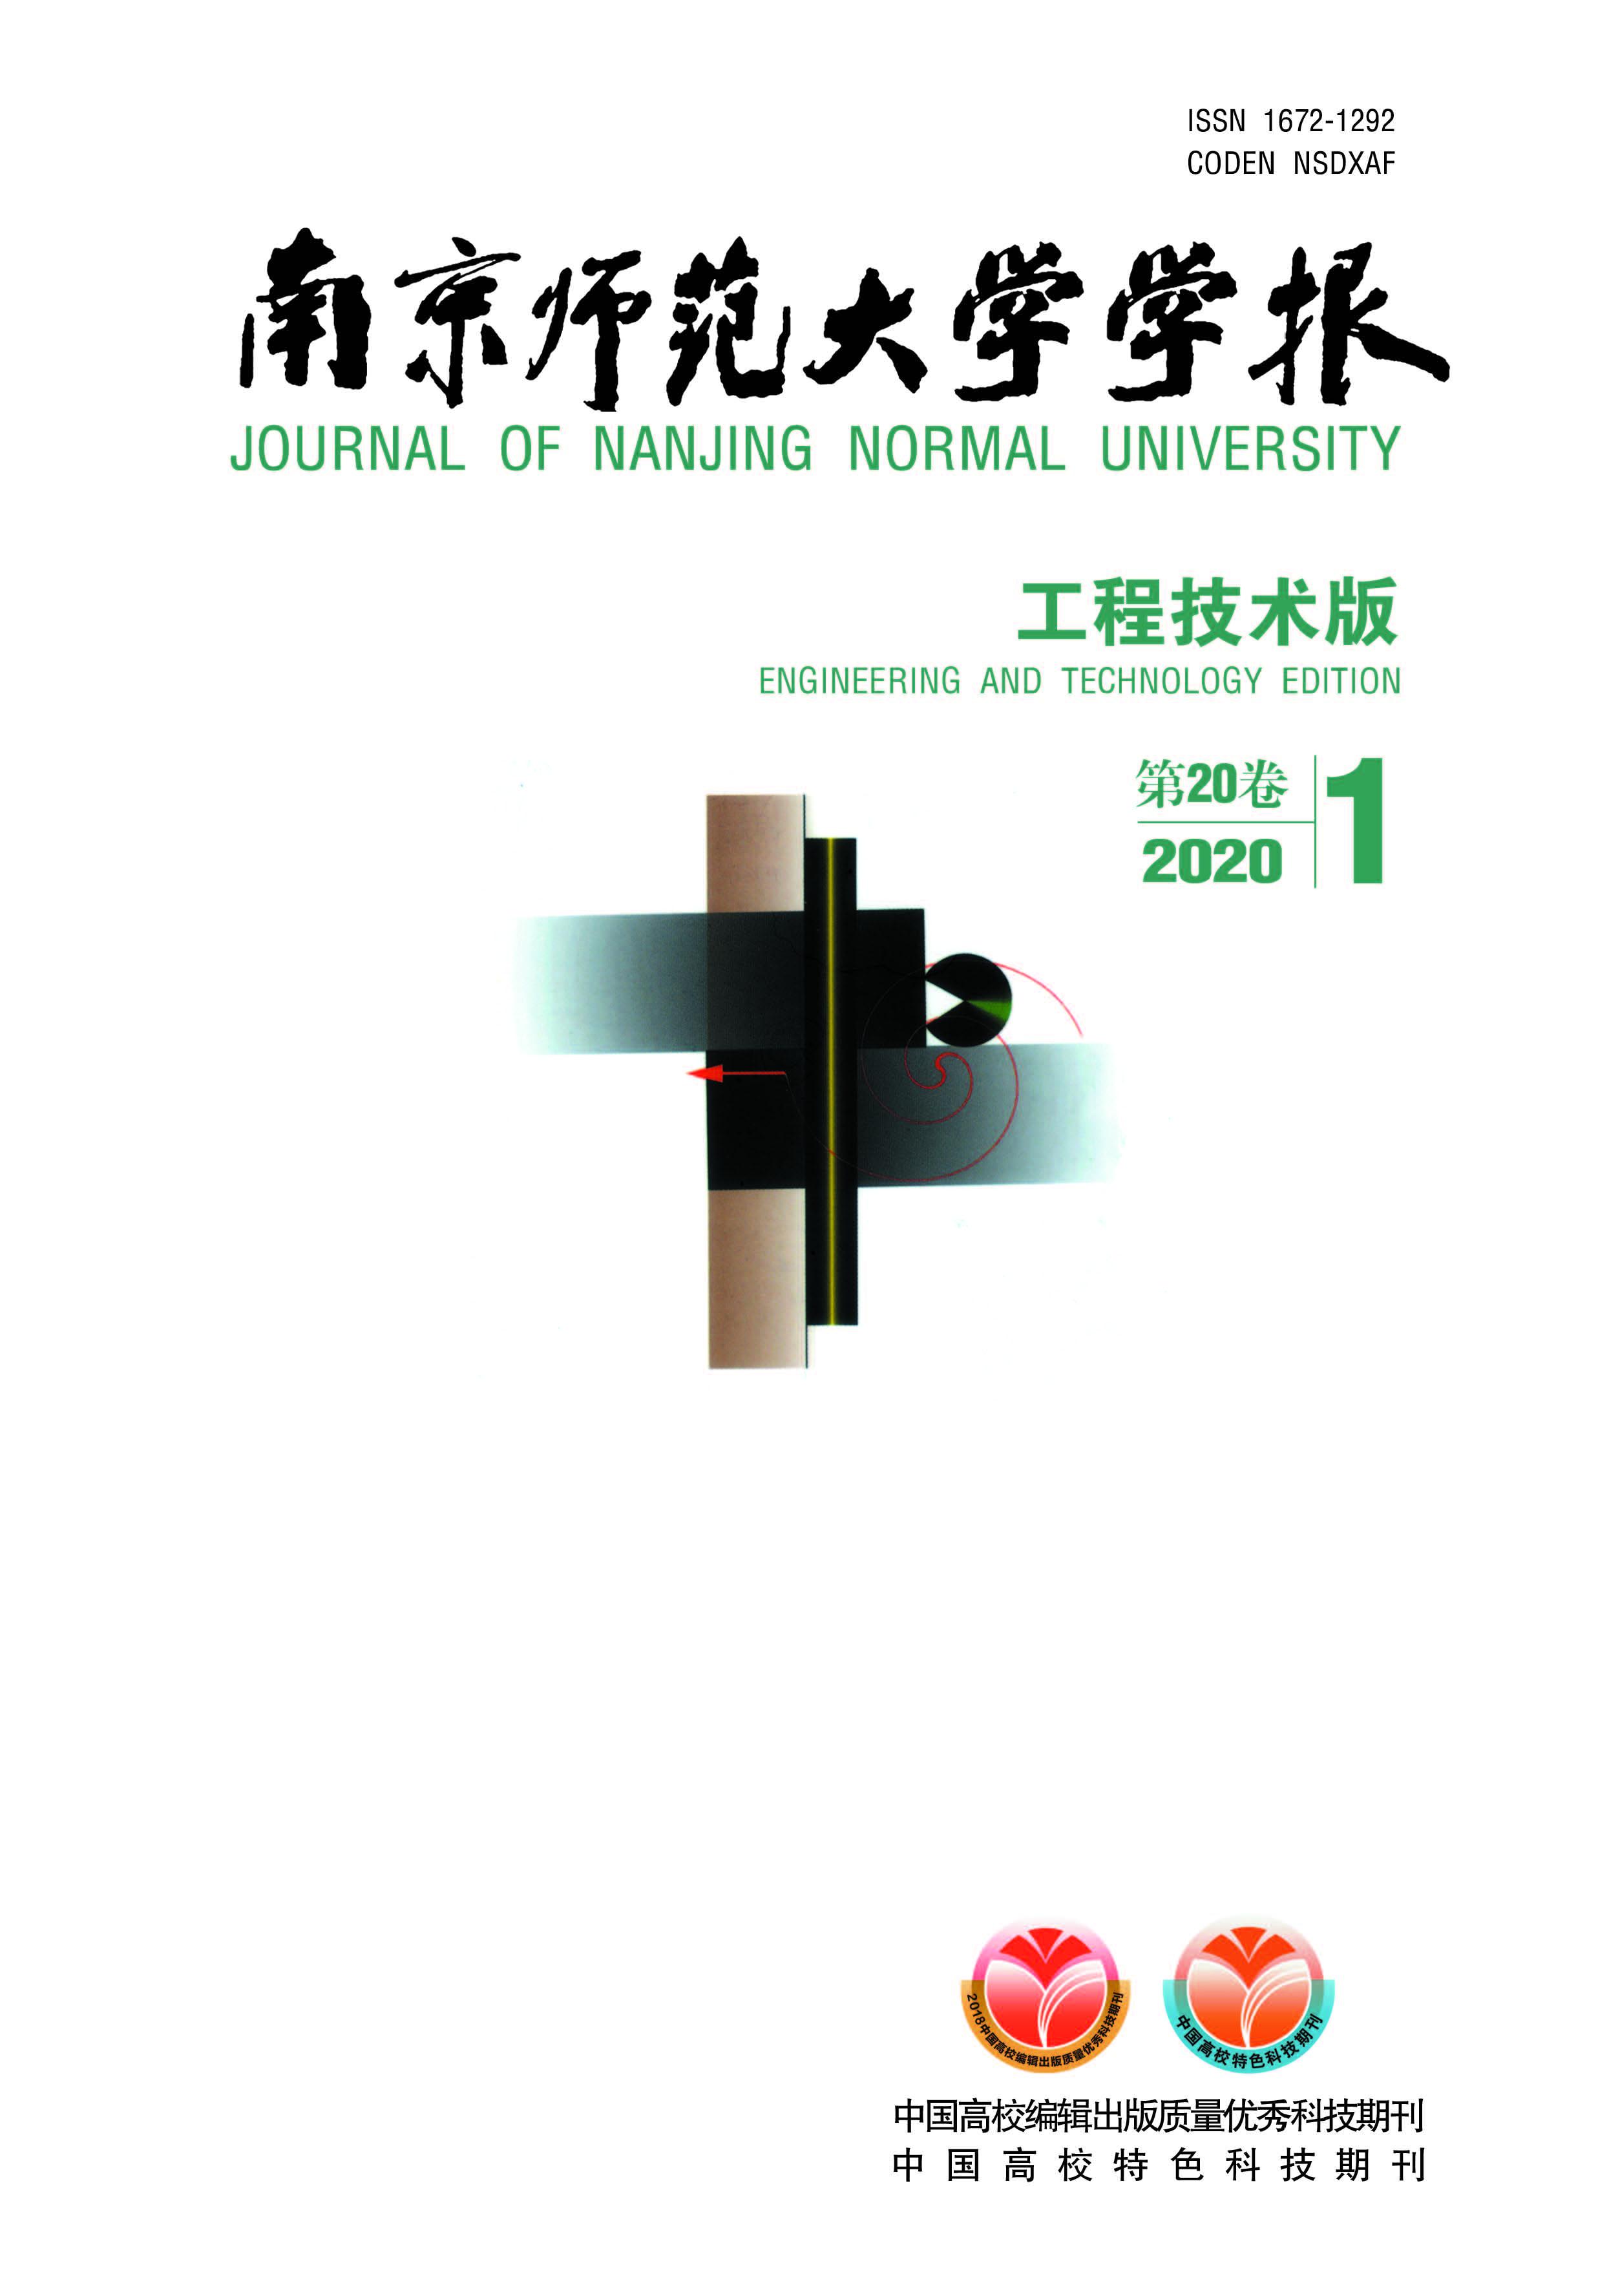 南京师范大学学报(工程技术版)